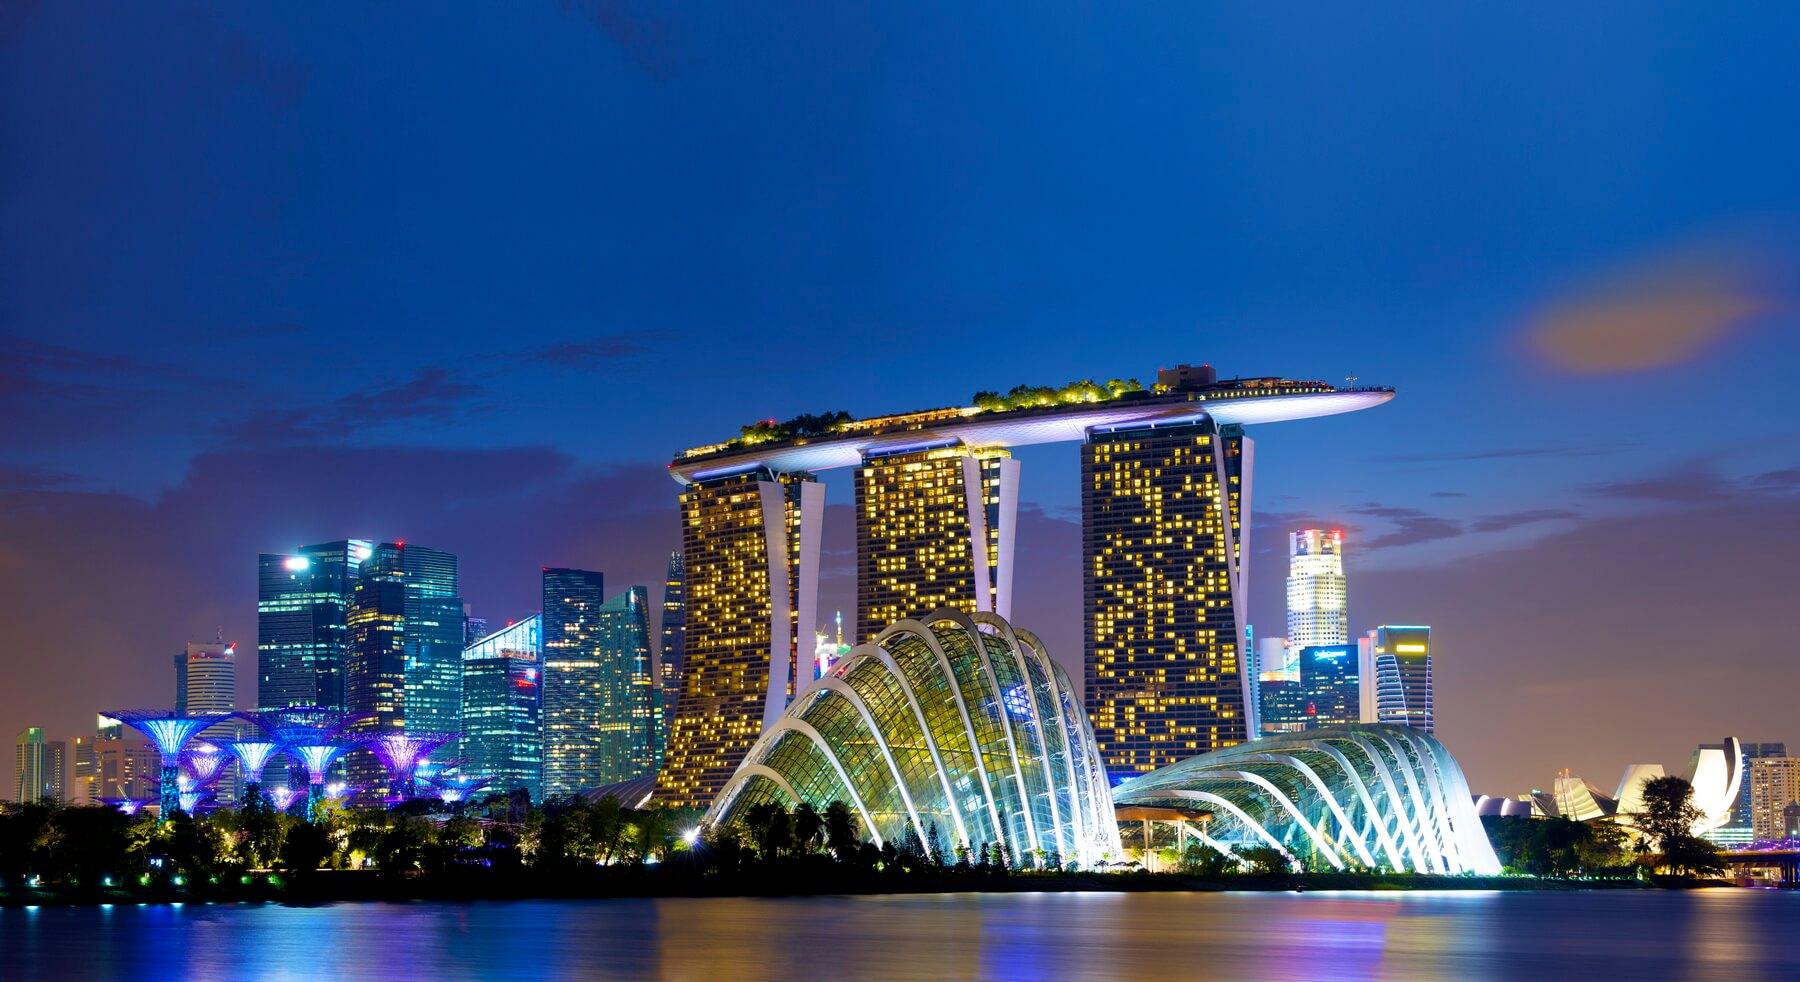 Ausblick auf die Skyline und das Hotel Marina Bay Sands